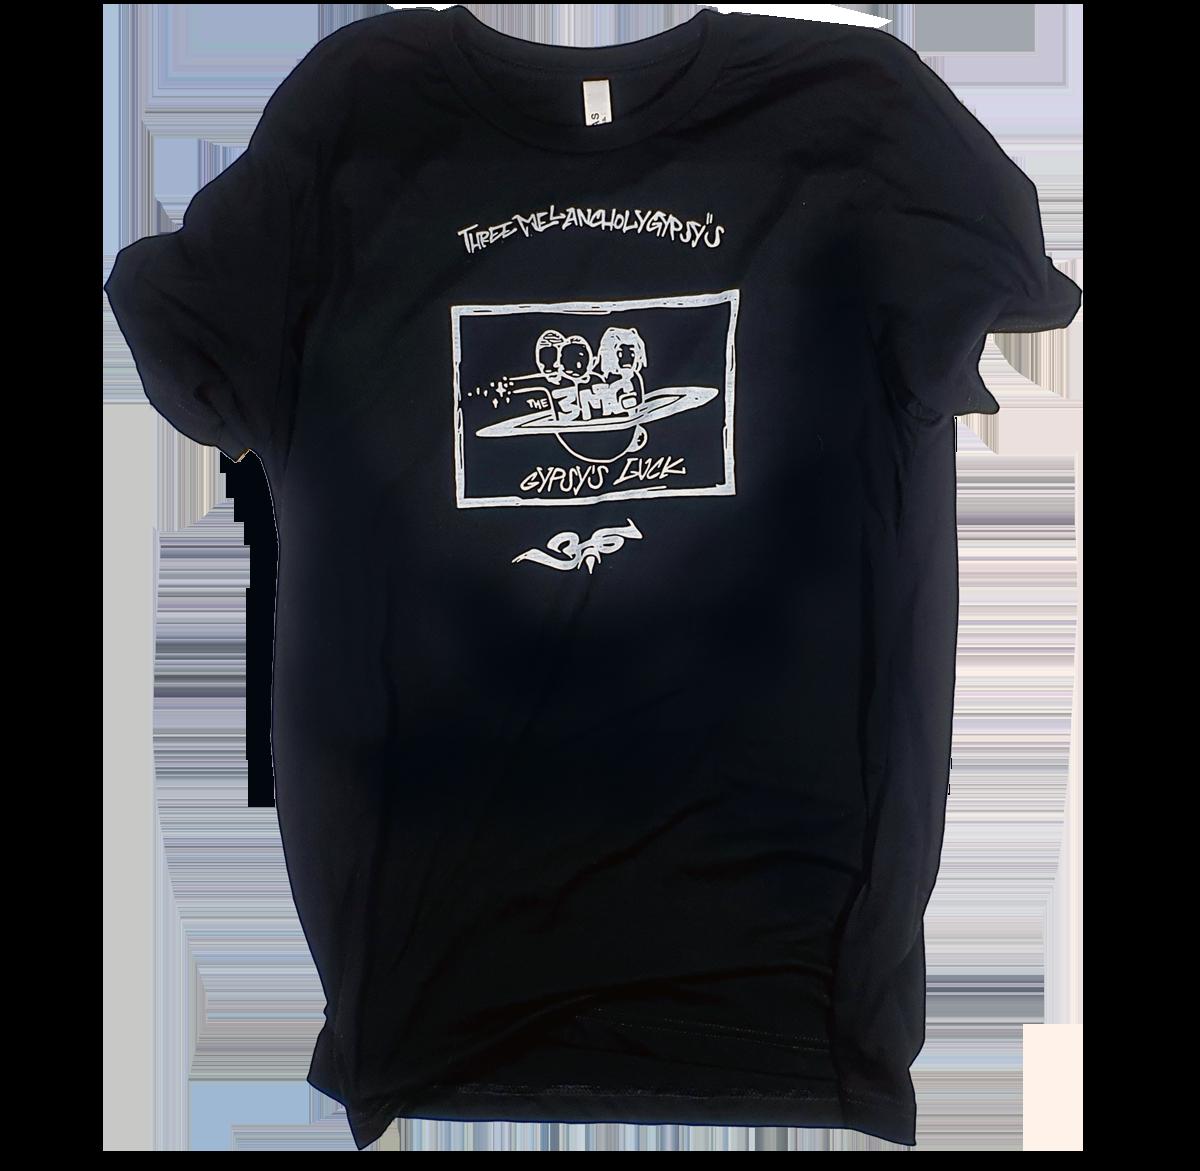 3 melancholy gypsys -T Shirt Black (3MG's)